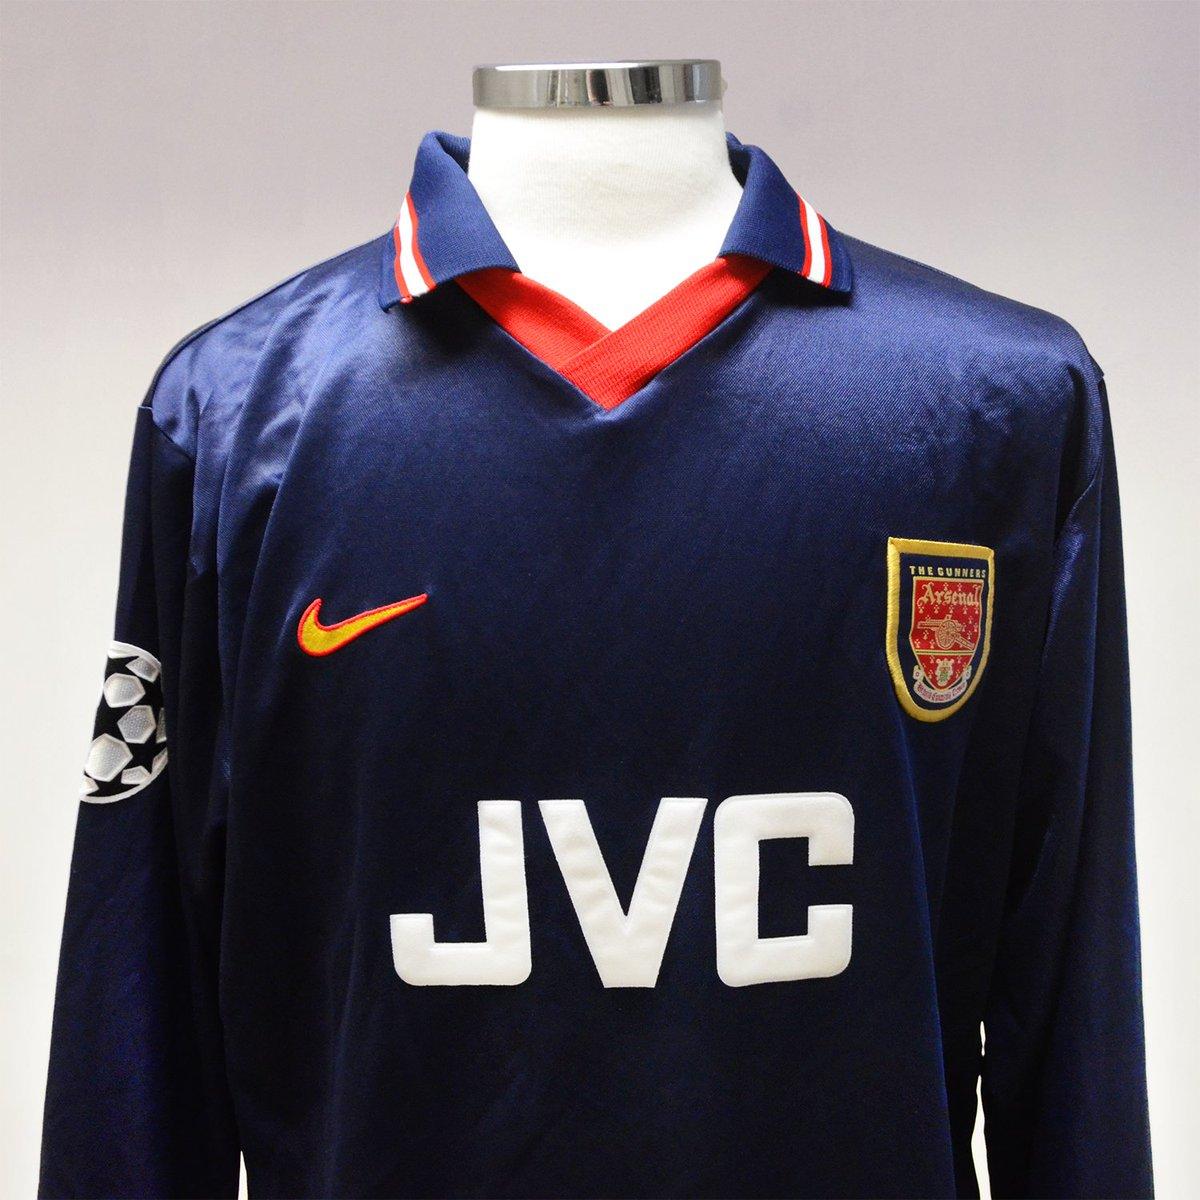 timeless design 25bb2 da6a1 Classic Football Shirts on Twitter: